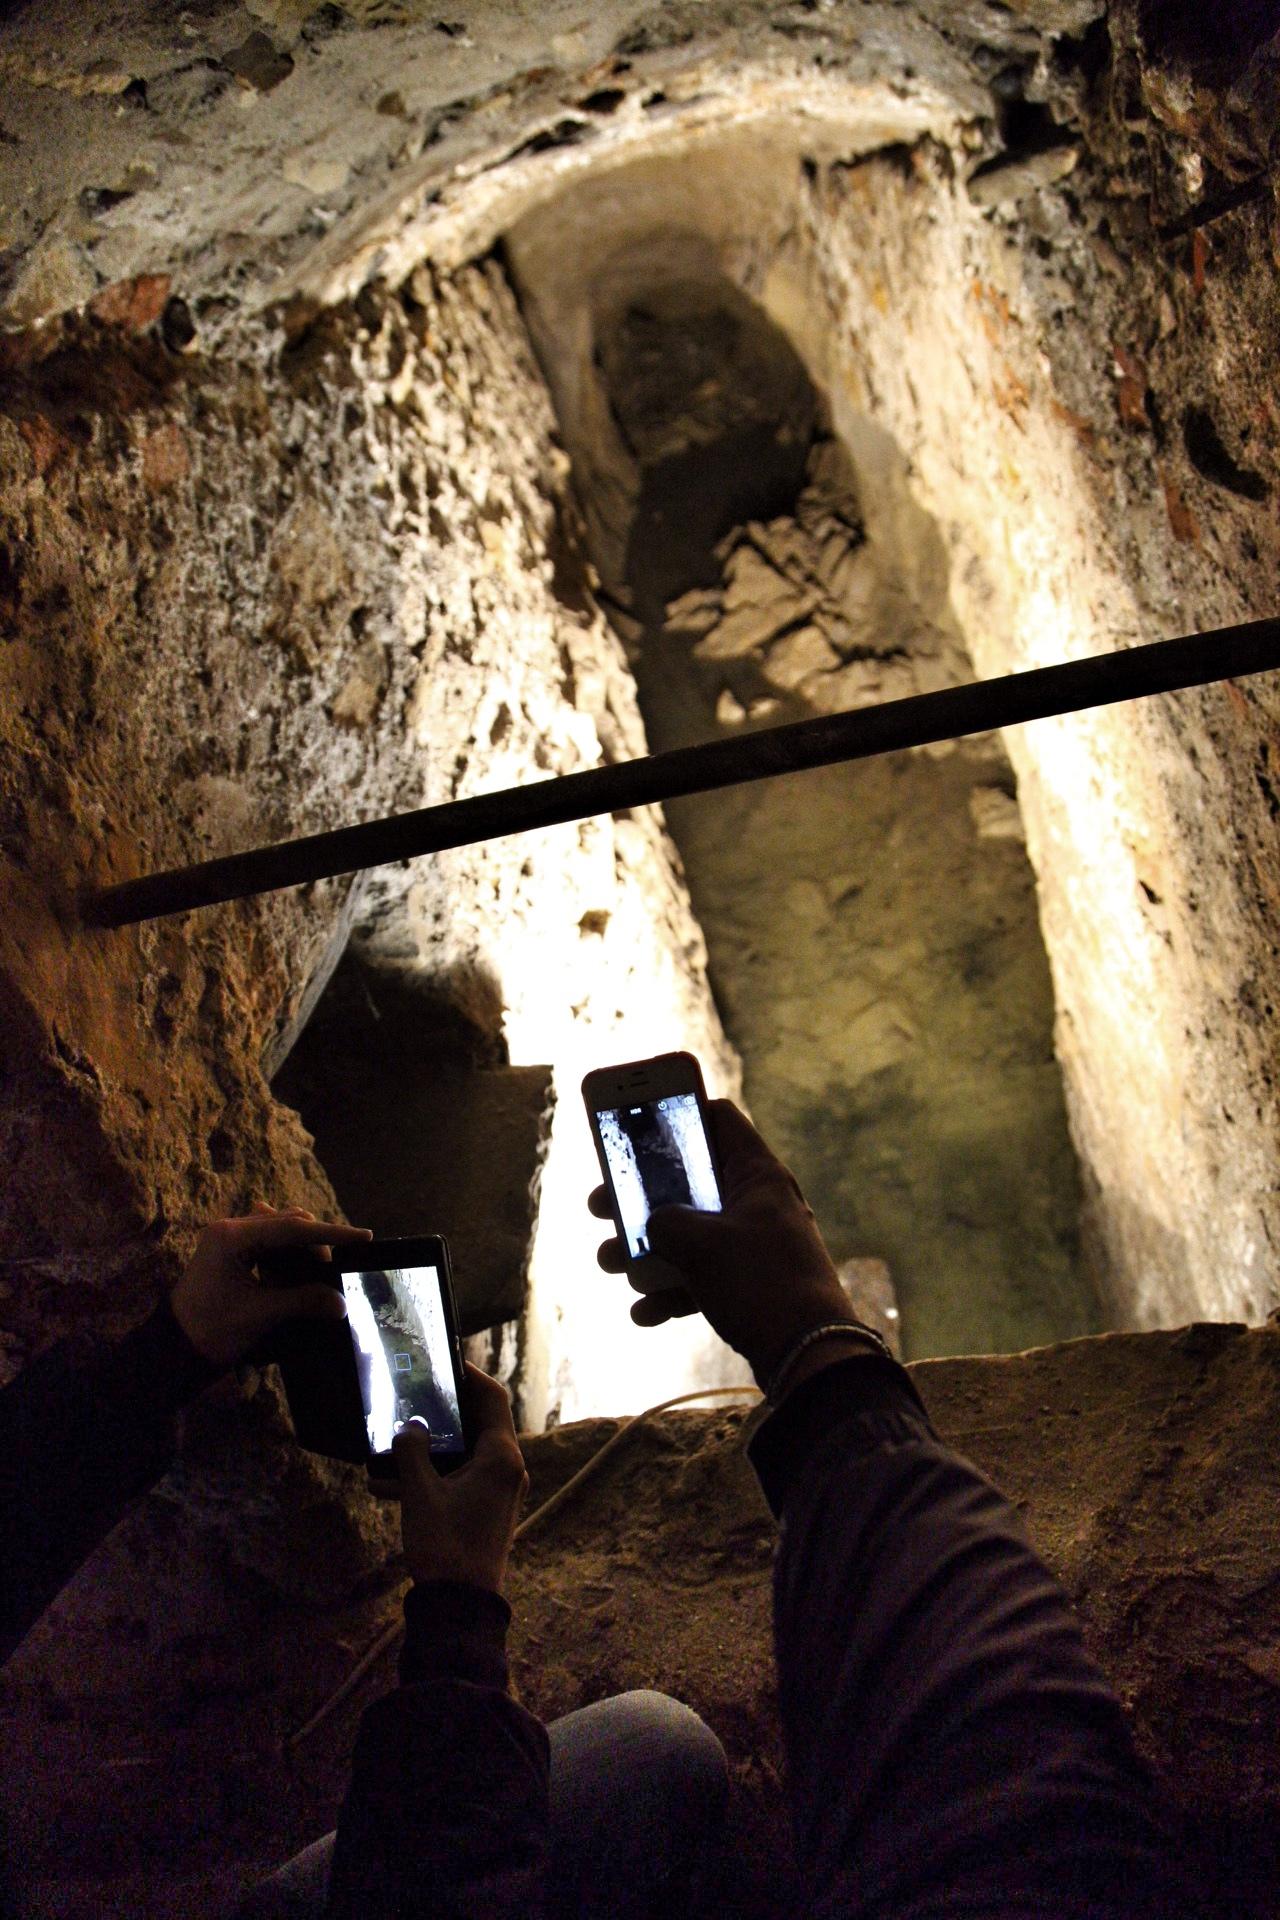 Qui si raccoglievano le acque piovane da tempi antichissimi, a Diano Castello, Liguria di Ponente.